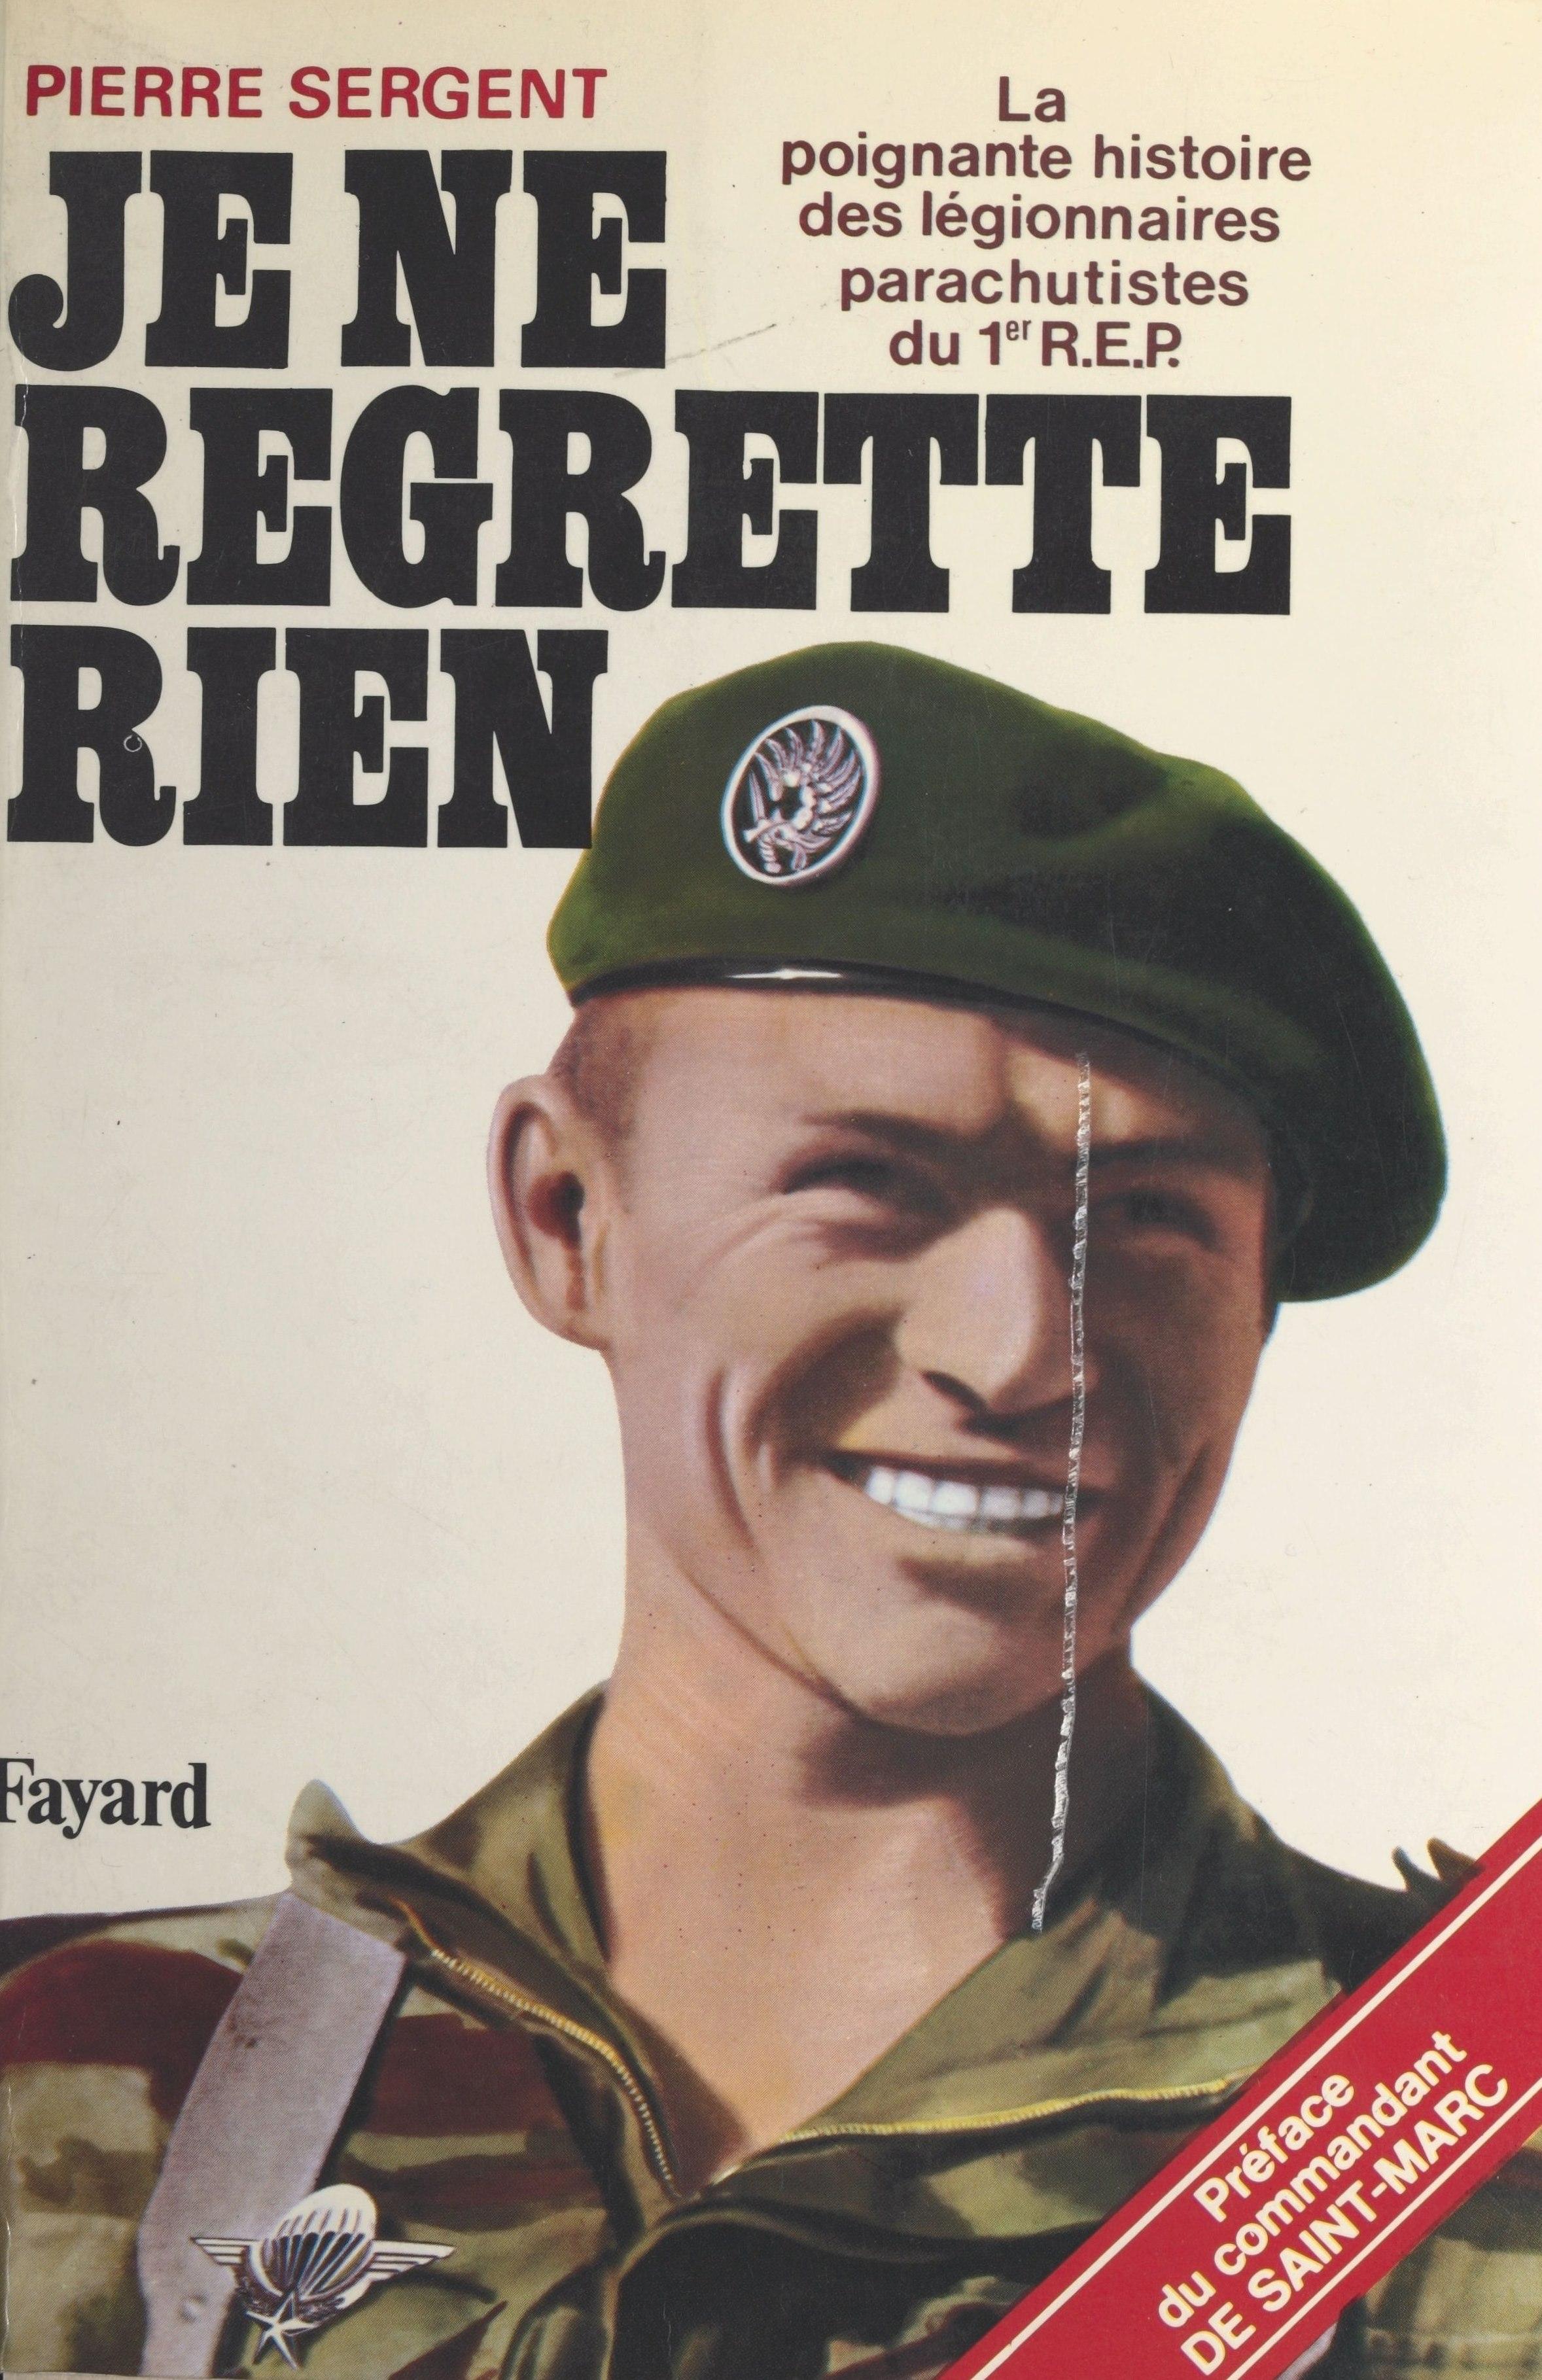 Je ne regrette rien : la poignante histoire des légionnaires parachutistes du 1er R.E.P., LA POIGNANTE HISTOIRE DES LÉGIONNAIRES PARACHUTISTES DU 1ER REP